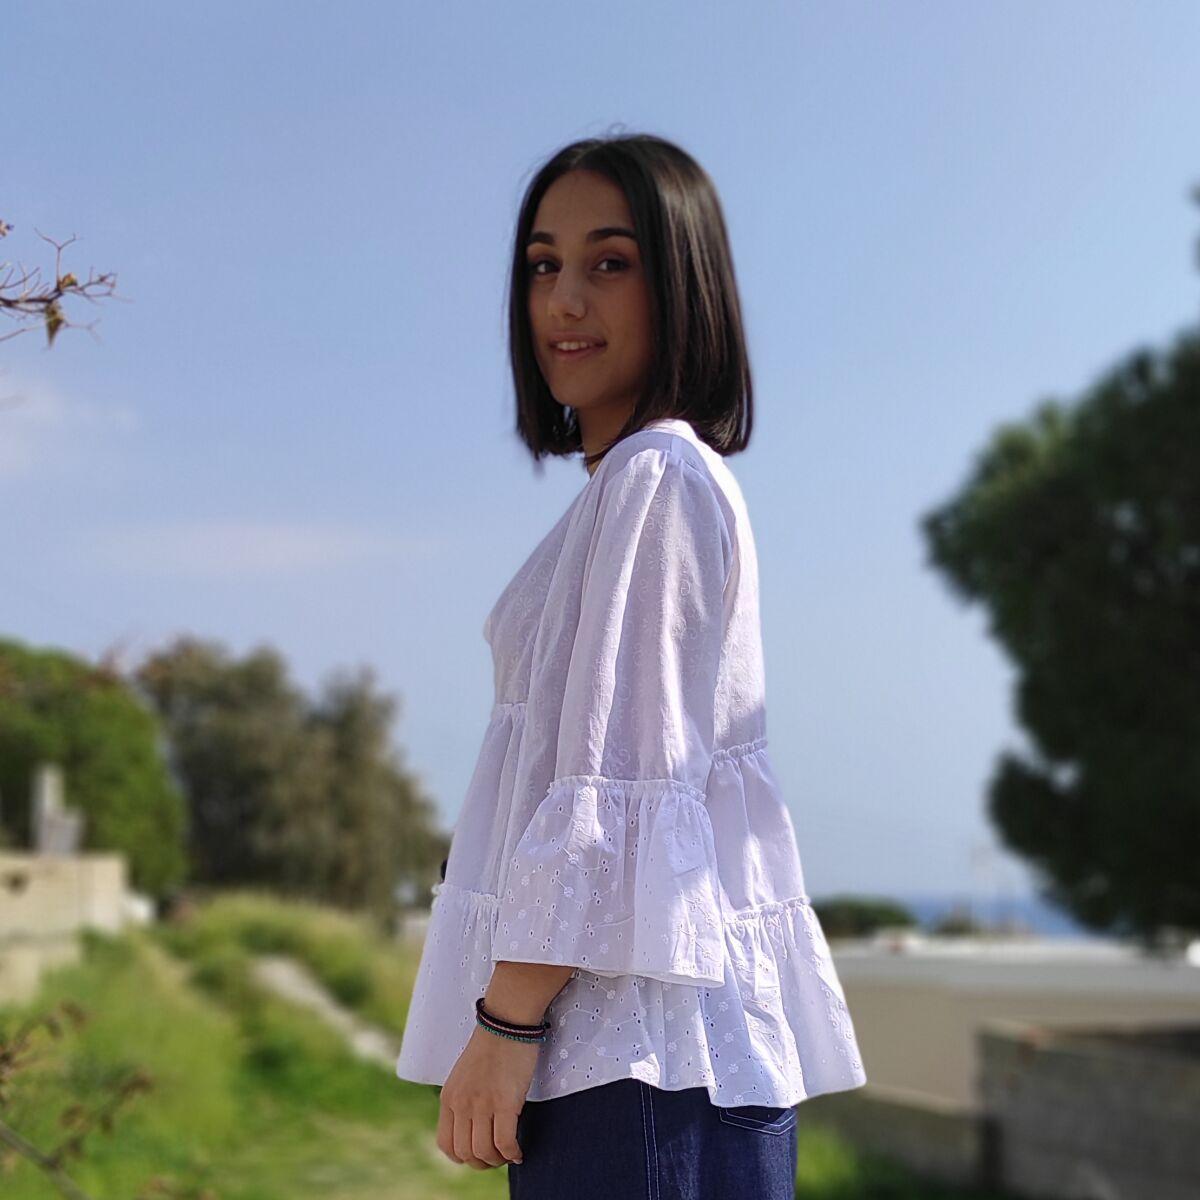 Μπλούζα λευκή κιπούρ Μπλούζες Ρούχα αξεσουάρ 2